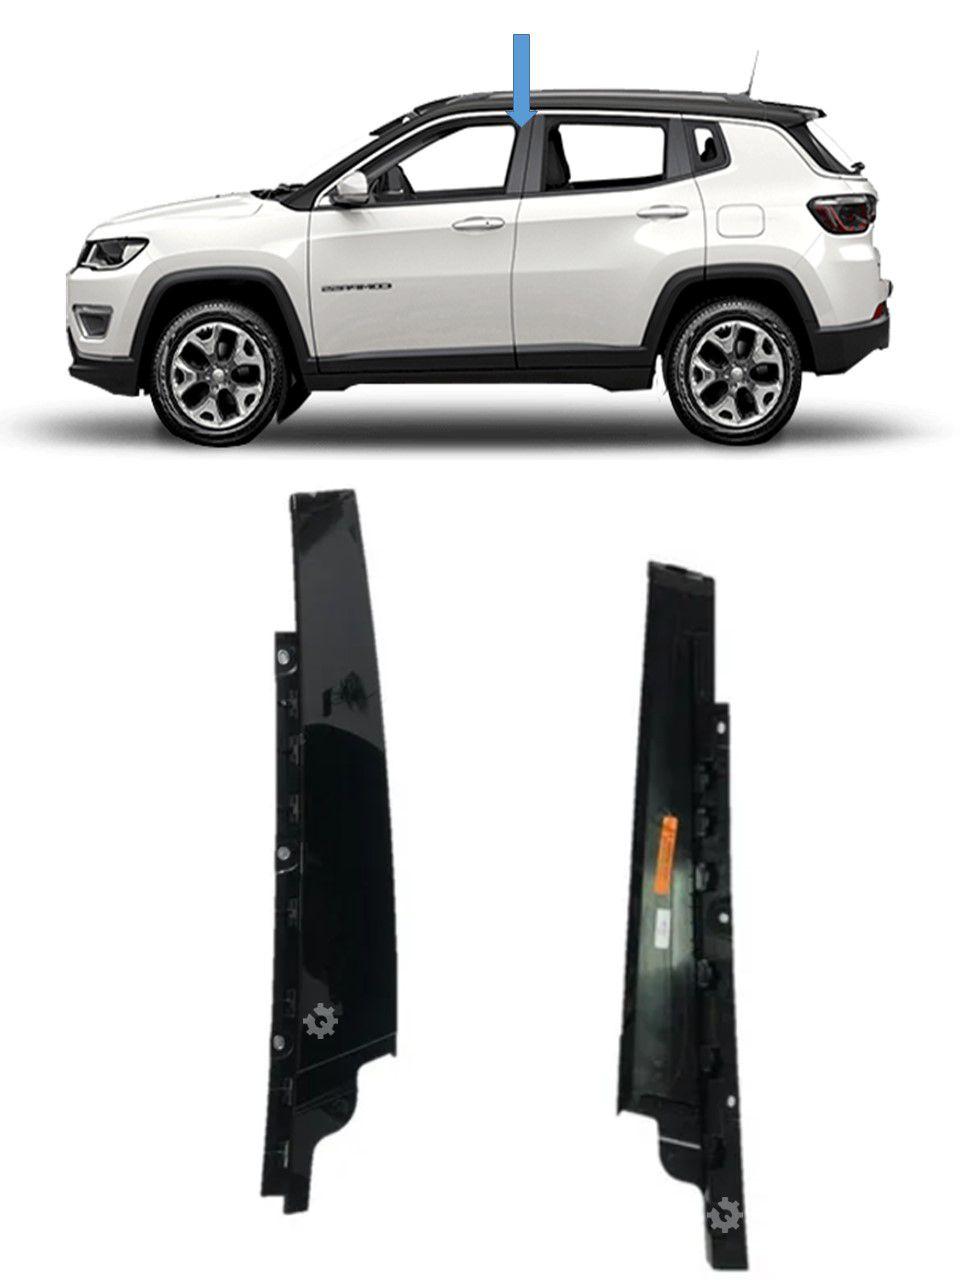 Moldura Coluna Porta Dianteira Esquerda Jeep Compass Original